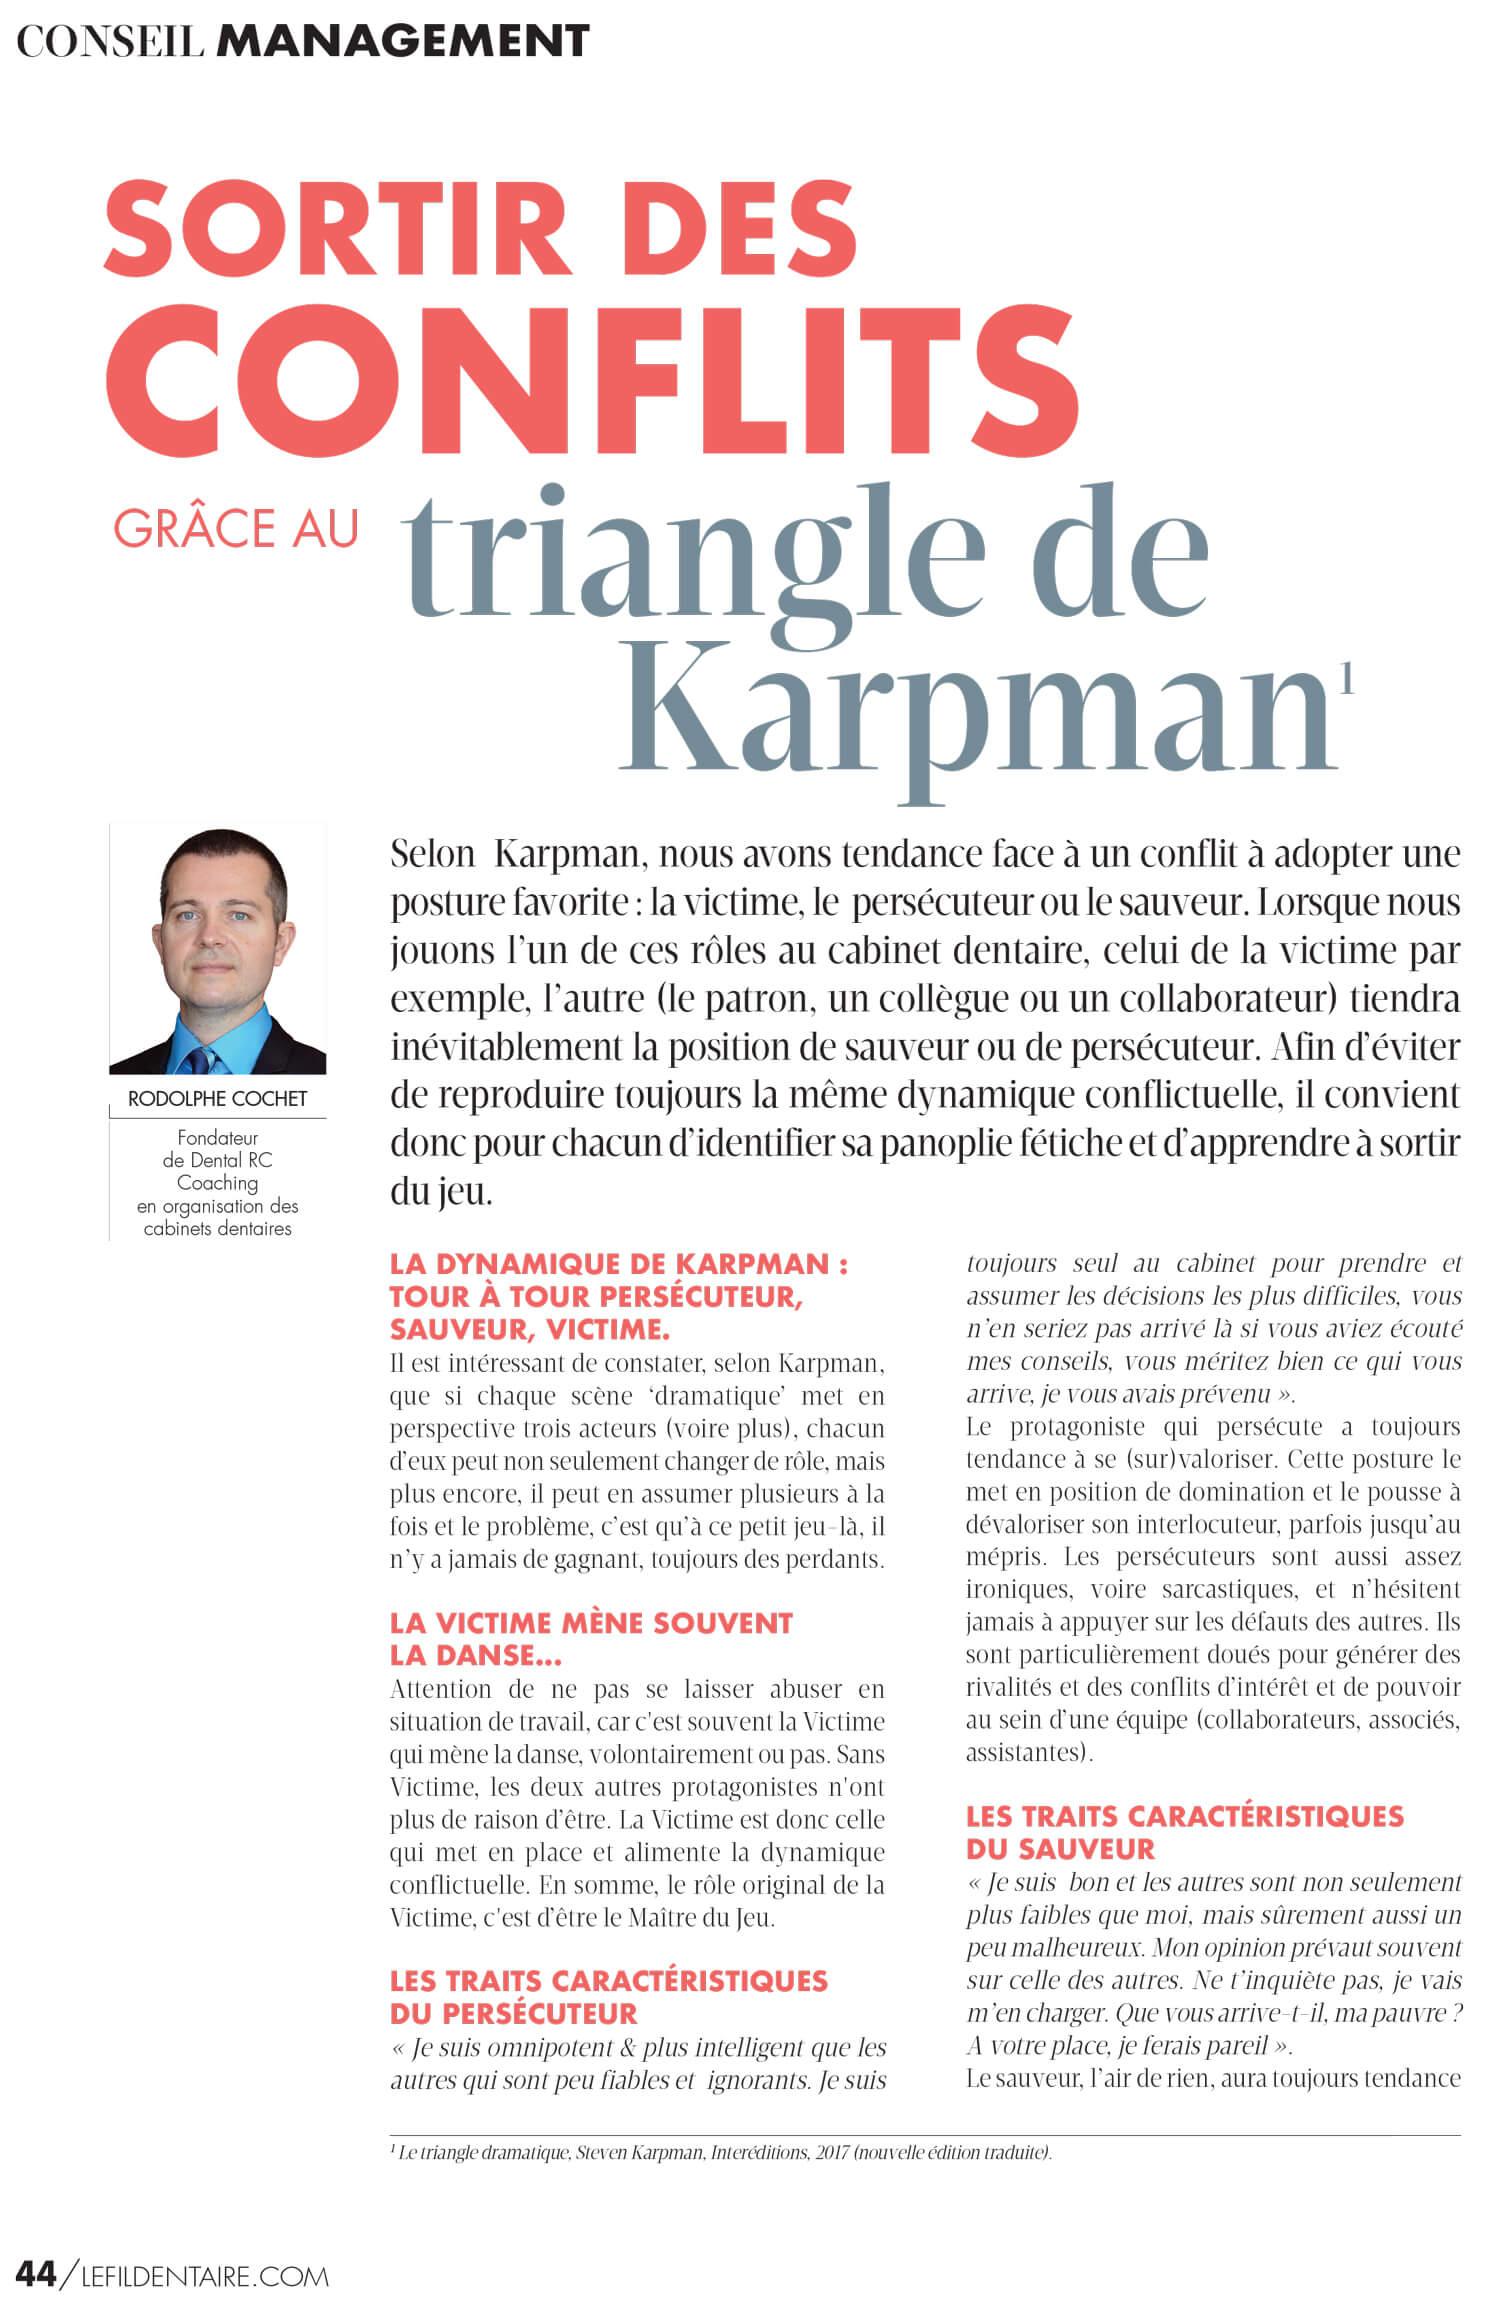 Sortir_des_conflits_au_cabinet_dentaire_grace_au_triangle_de_Karpman_Rodolphe_Cochet.jpg